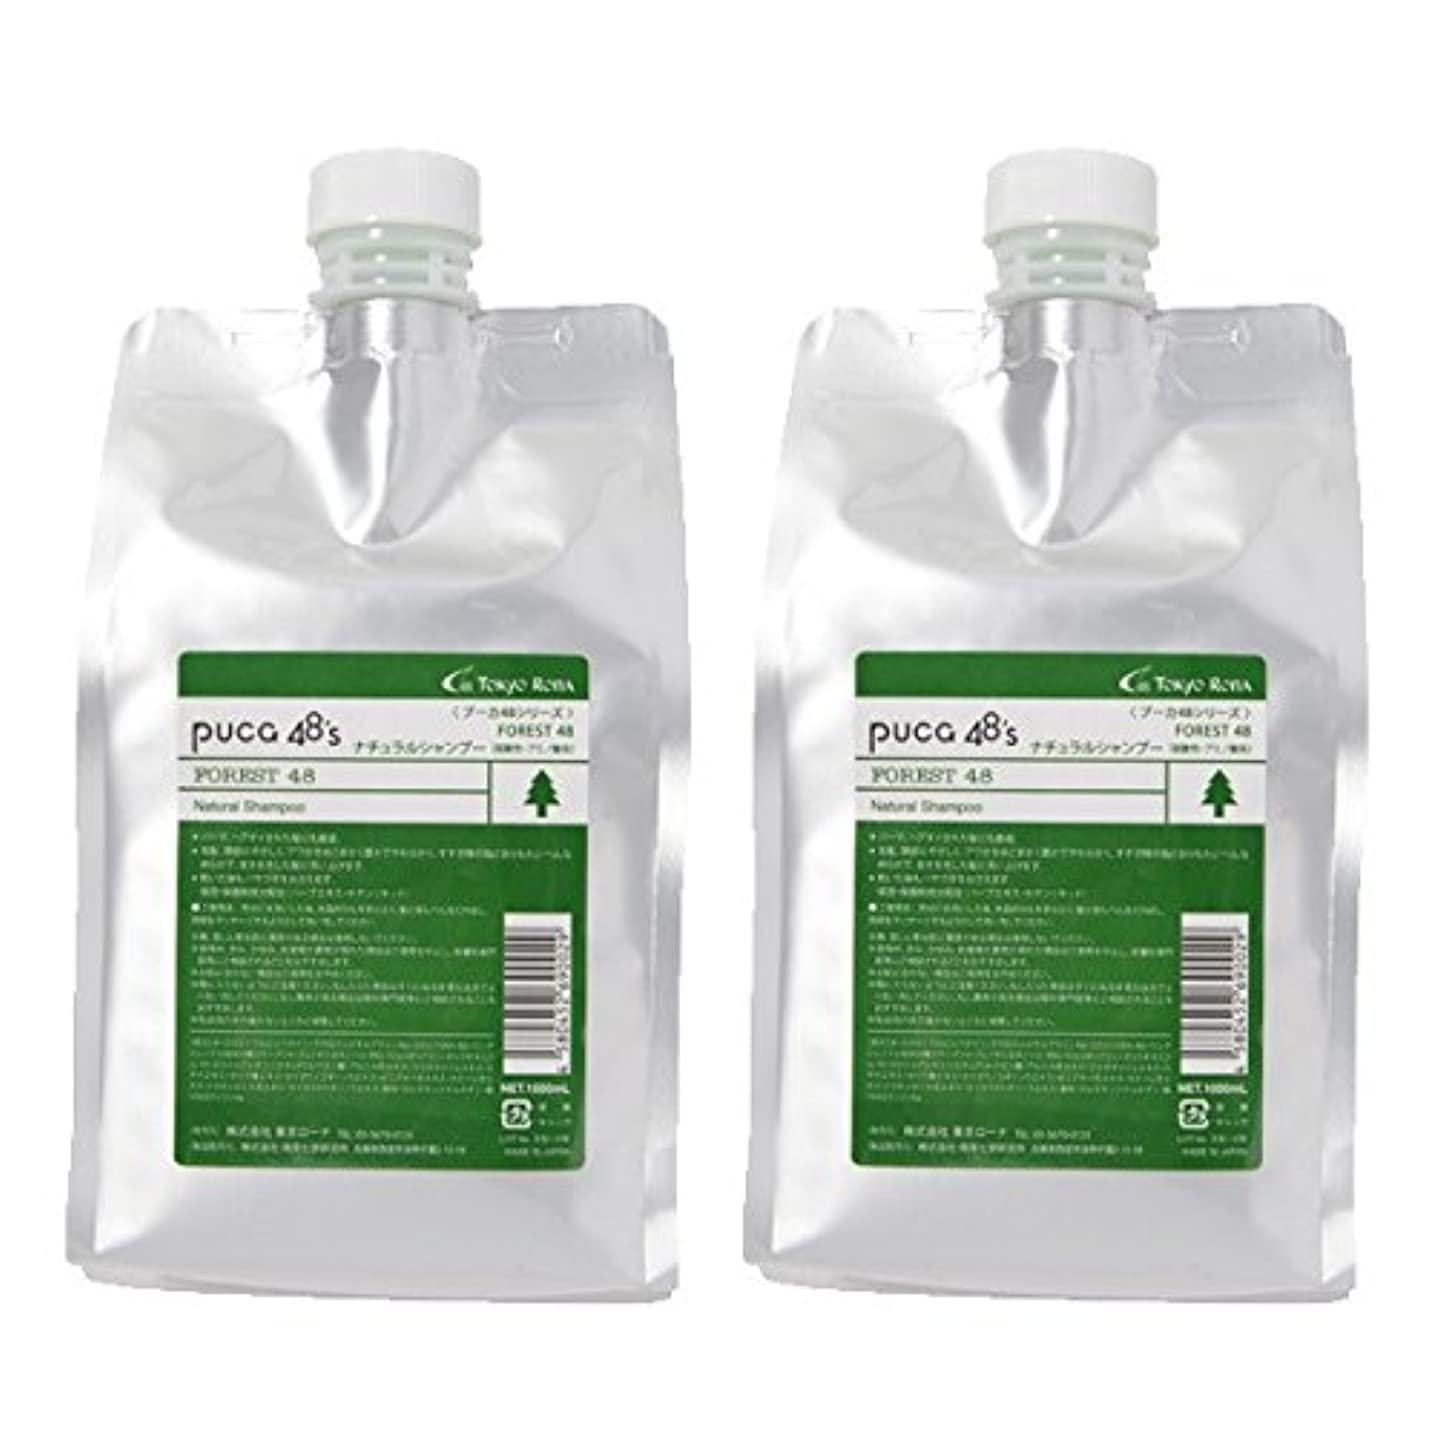 ギャロップクックパイルプーカ48シリーズ FOREST 48 ナチュラルシャンプー (弱酸性?アミノ酸系) 1000mL 2本セット